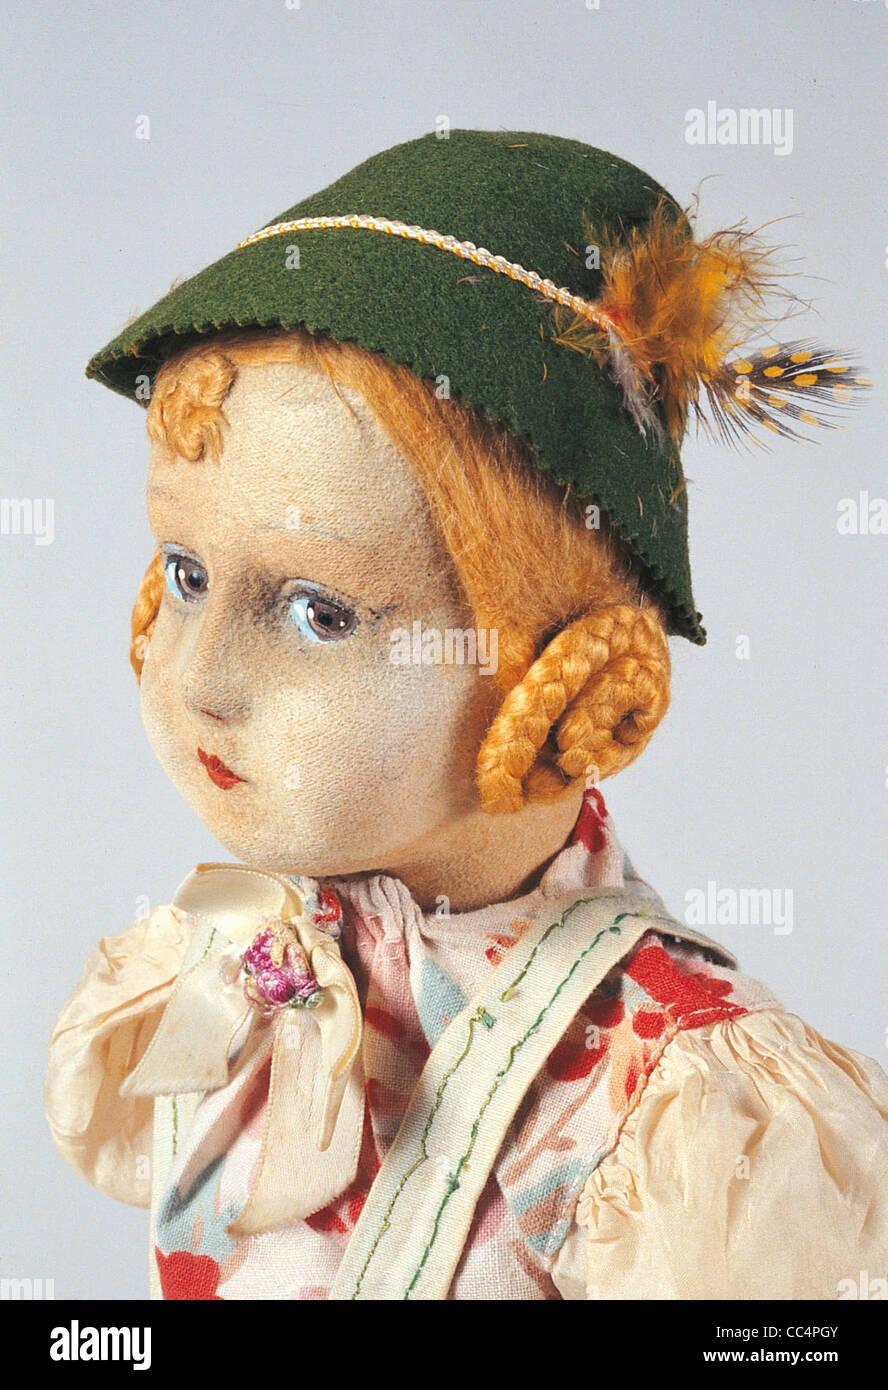 Sammeln Spielzeug des 20. Jahrhunderts. Lpine Puppe. 30/40 Jahren. Höhe 50 Cm. insbesondere Stockfoto